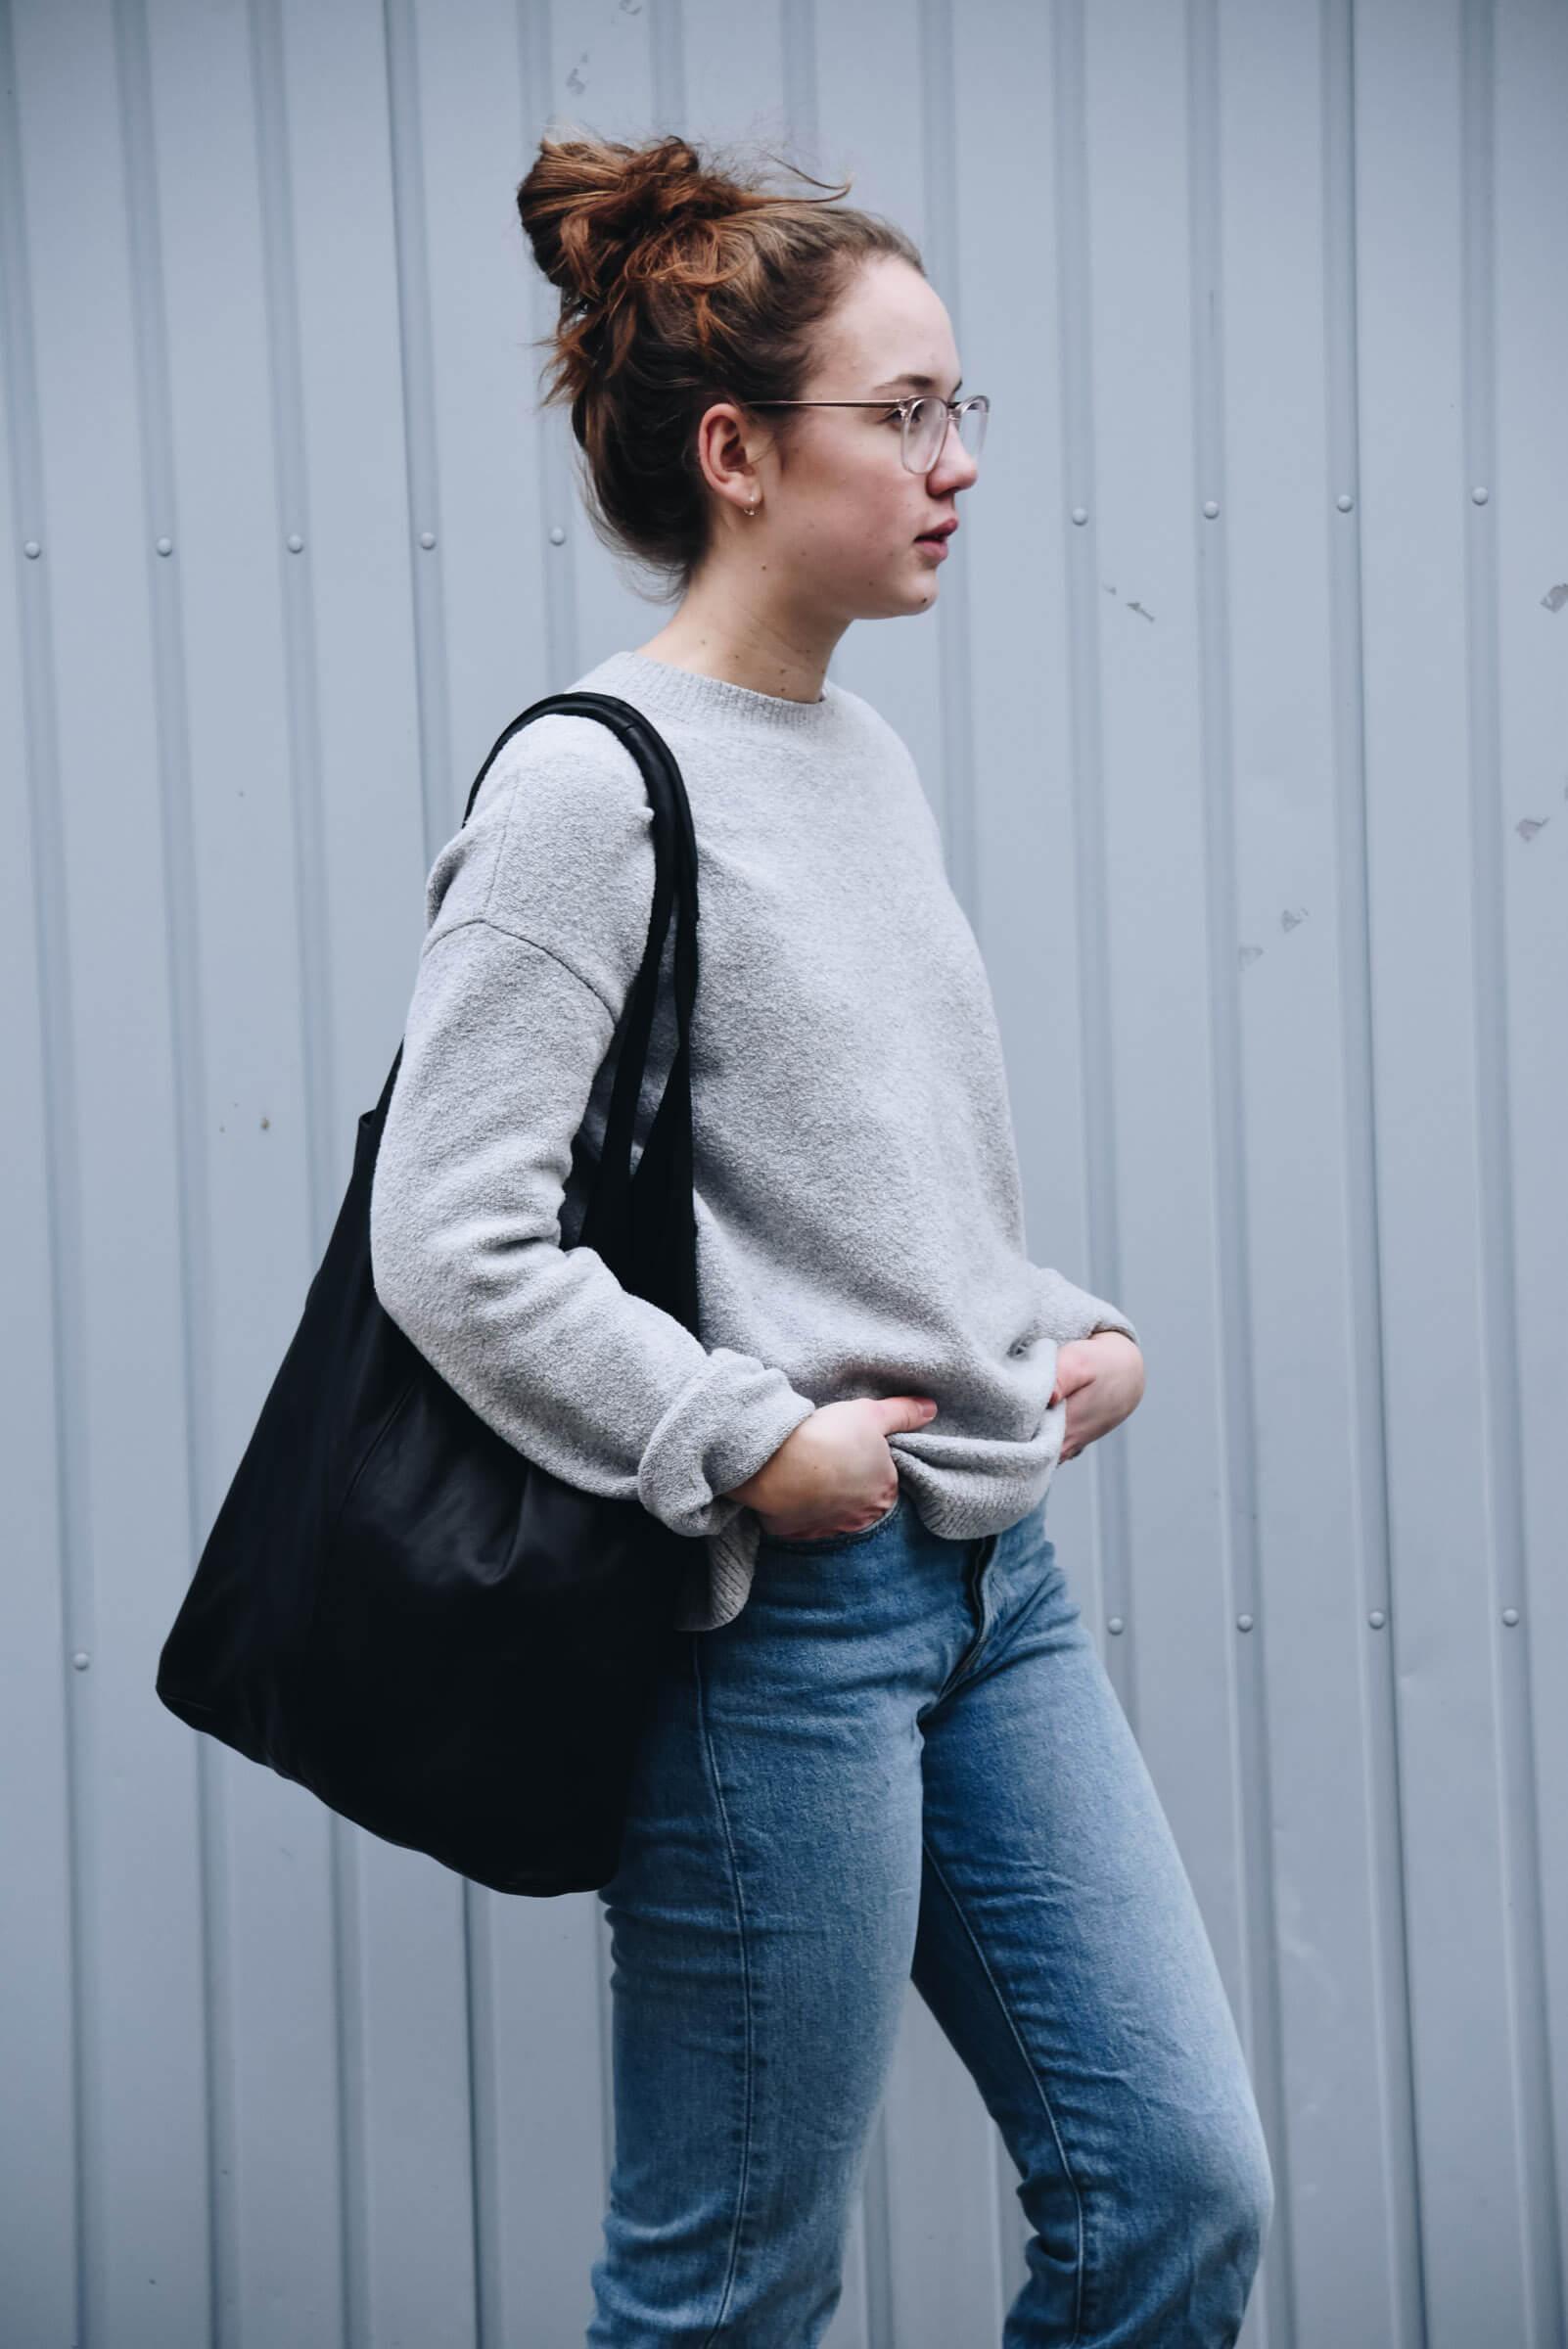 Outfit | Streetstyle | Streetwear | Tasche | Made in Germany | Ledertasche | Handtasche | Arbeiten | Unitasche | Tasche aus Leder | schlicht | elegant | chic | Damen | Handtasche Leder | Handtasche kaufen | hochwertig | gute Qualität | Schwarz